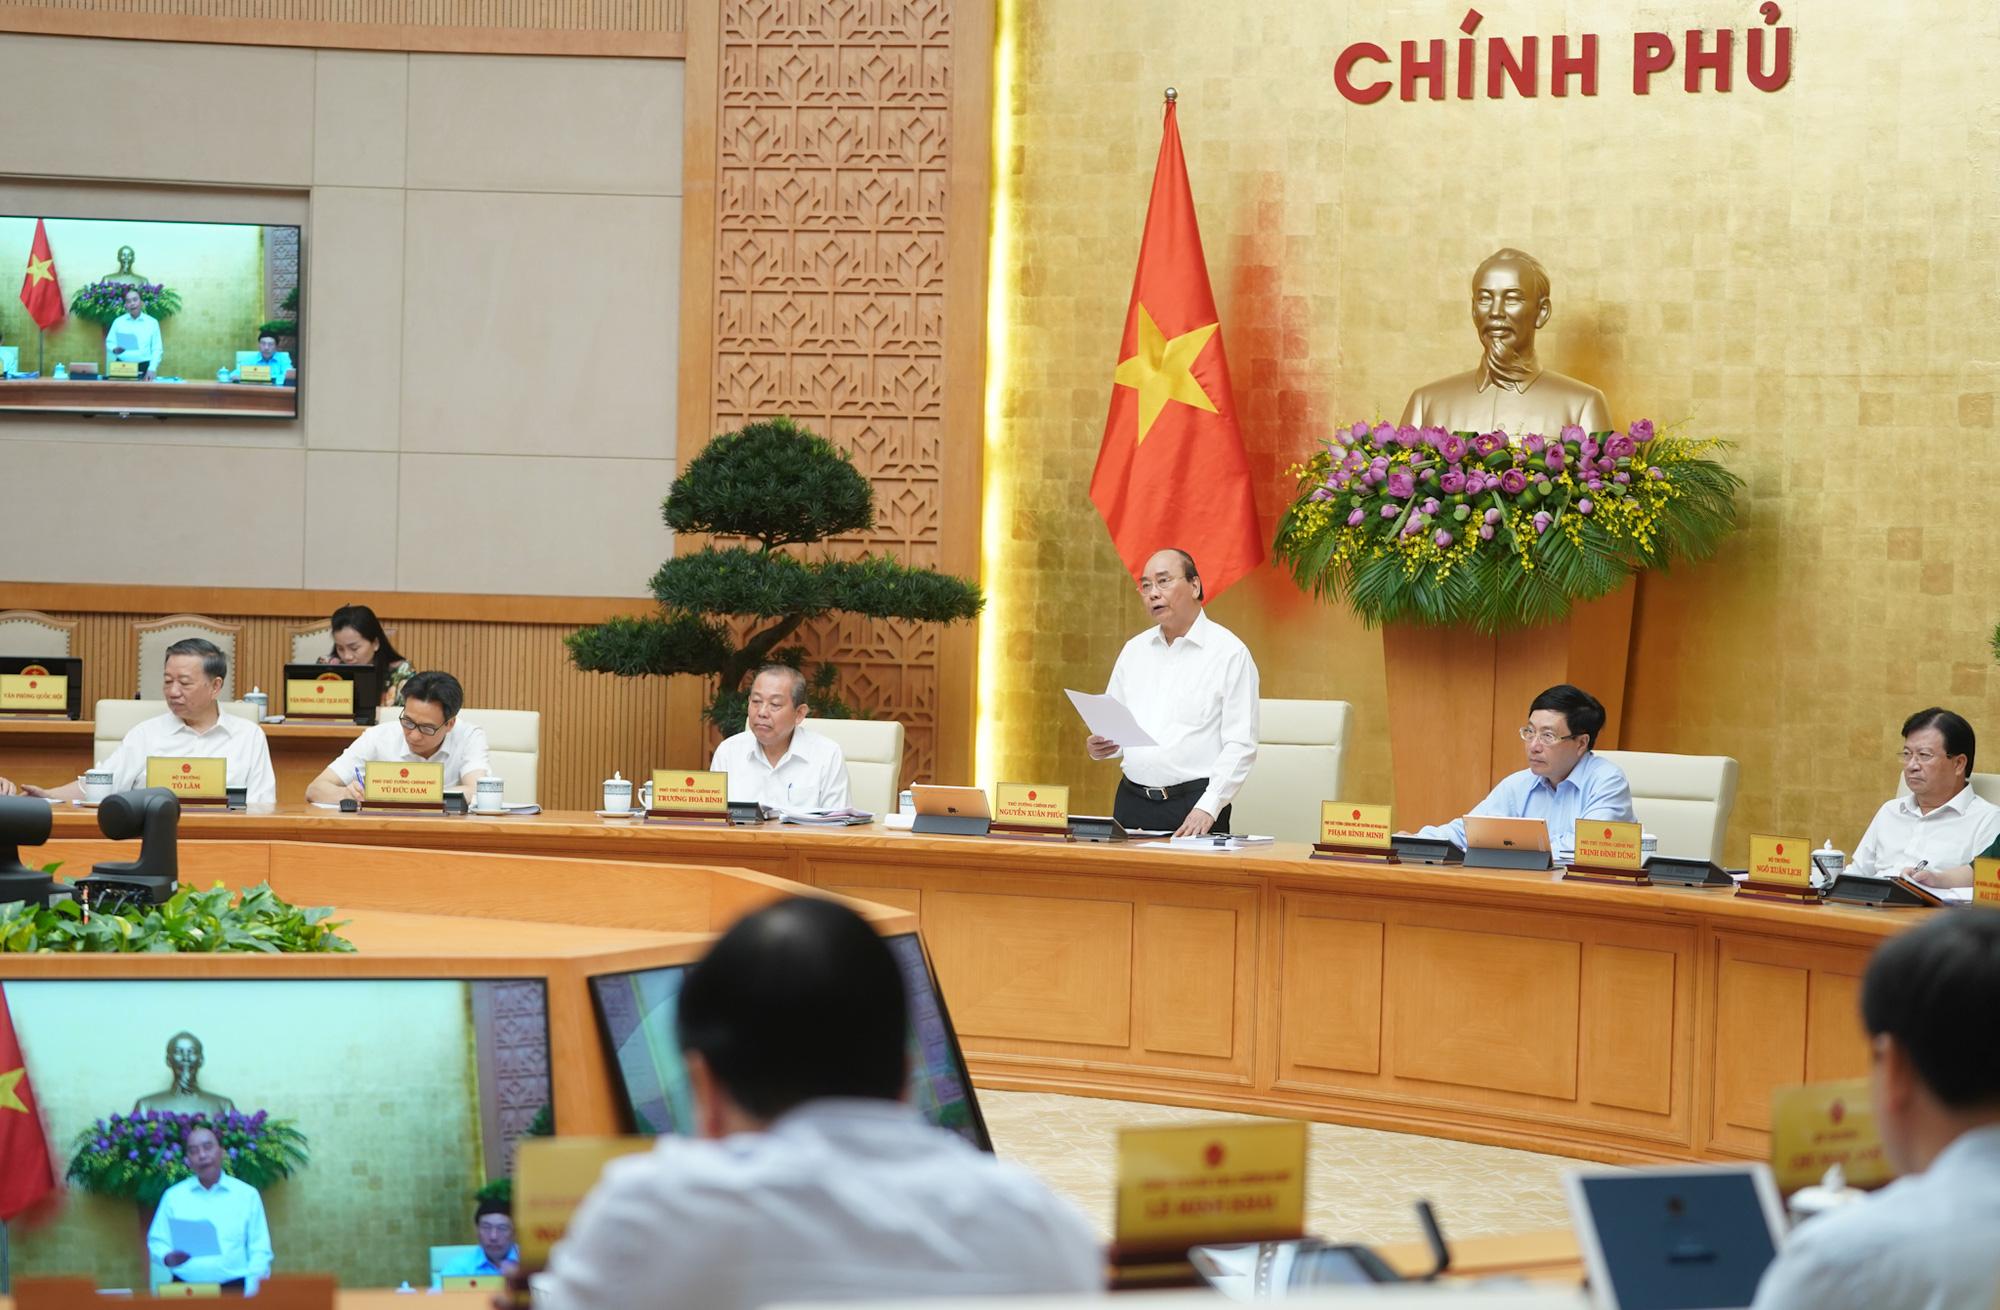 Thủ tướng đánh giá cao Bộ Văn hóa, Thể thao và Du lịch cùng các hiệp hội có những chương trình kích cầu du lịch nội địa tốt - Ảnh 2.